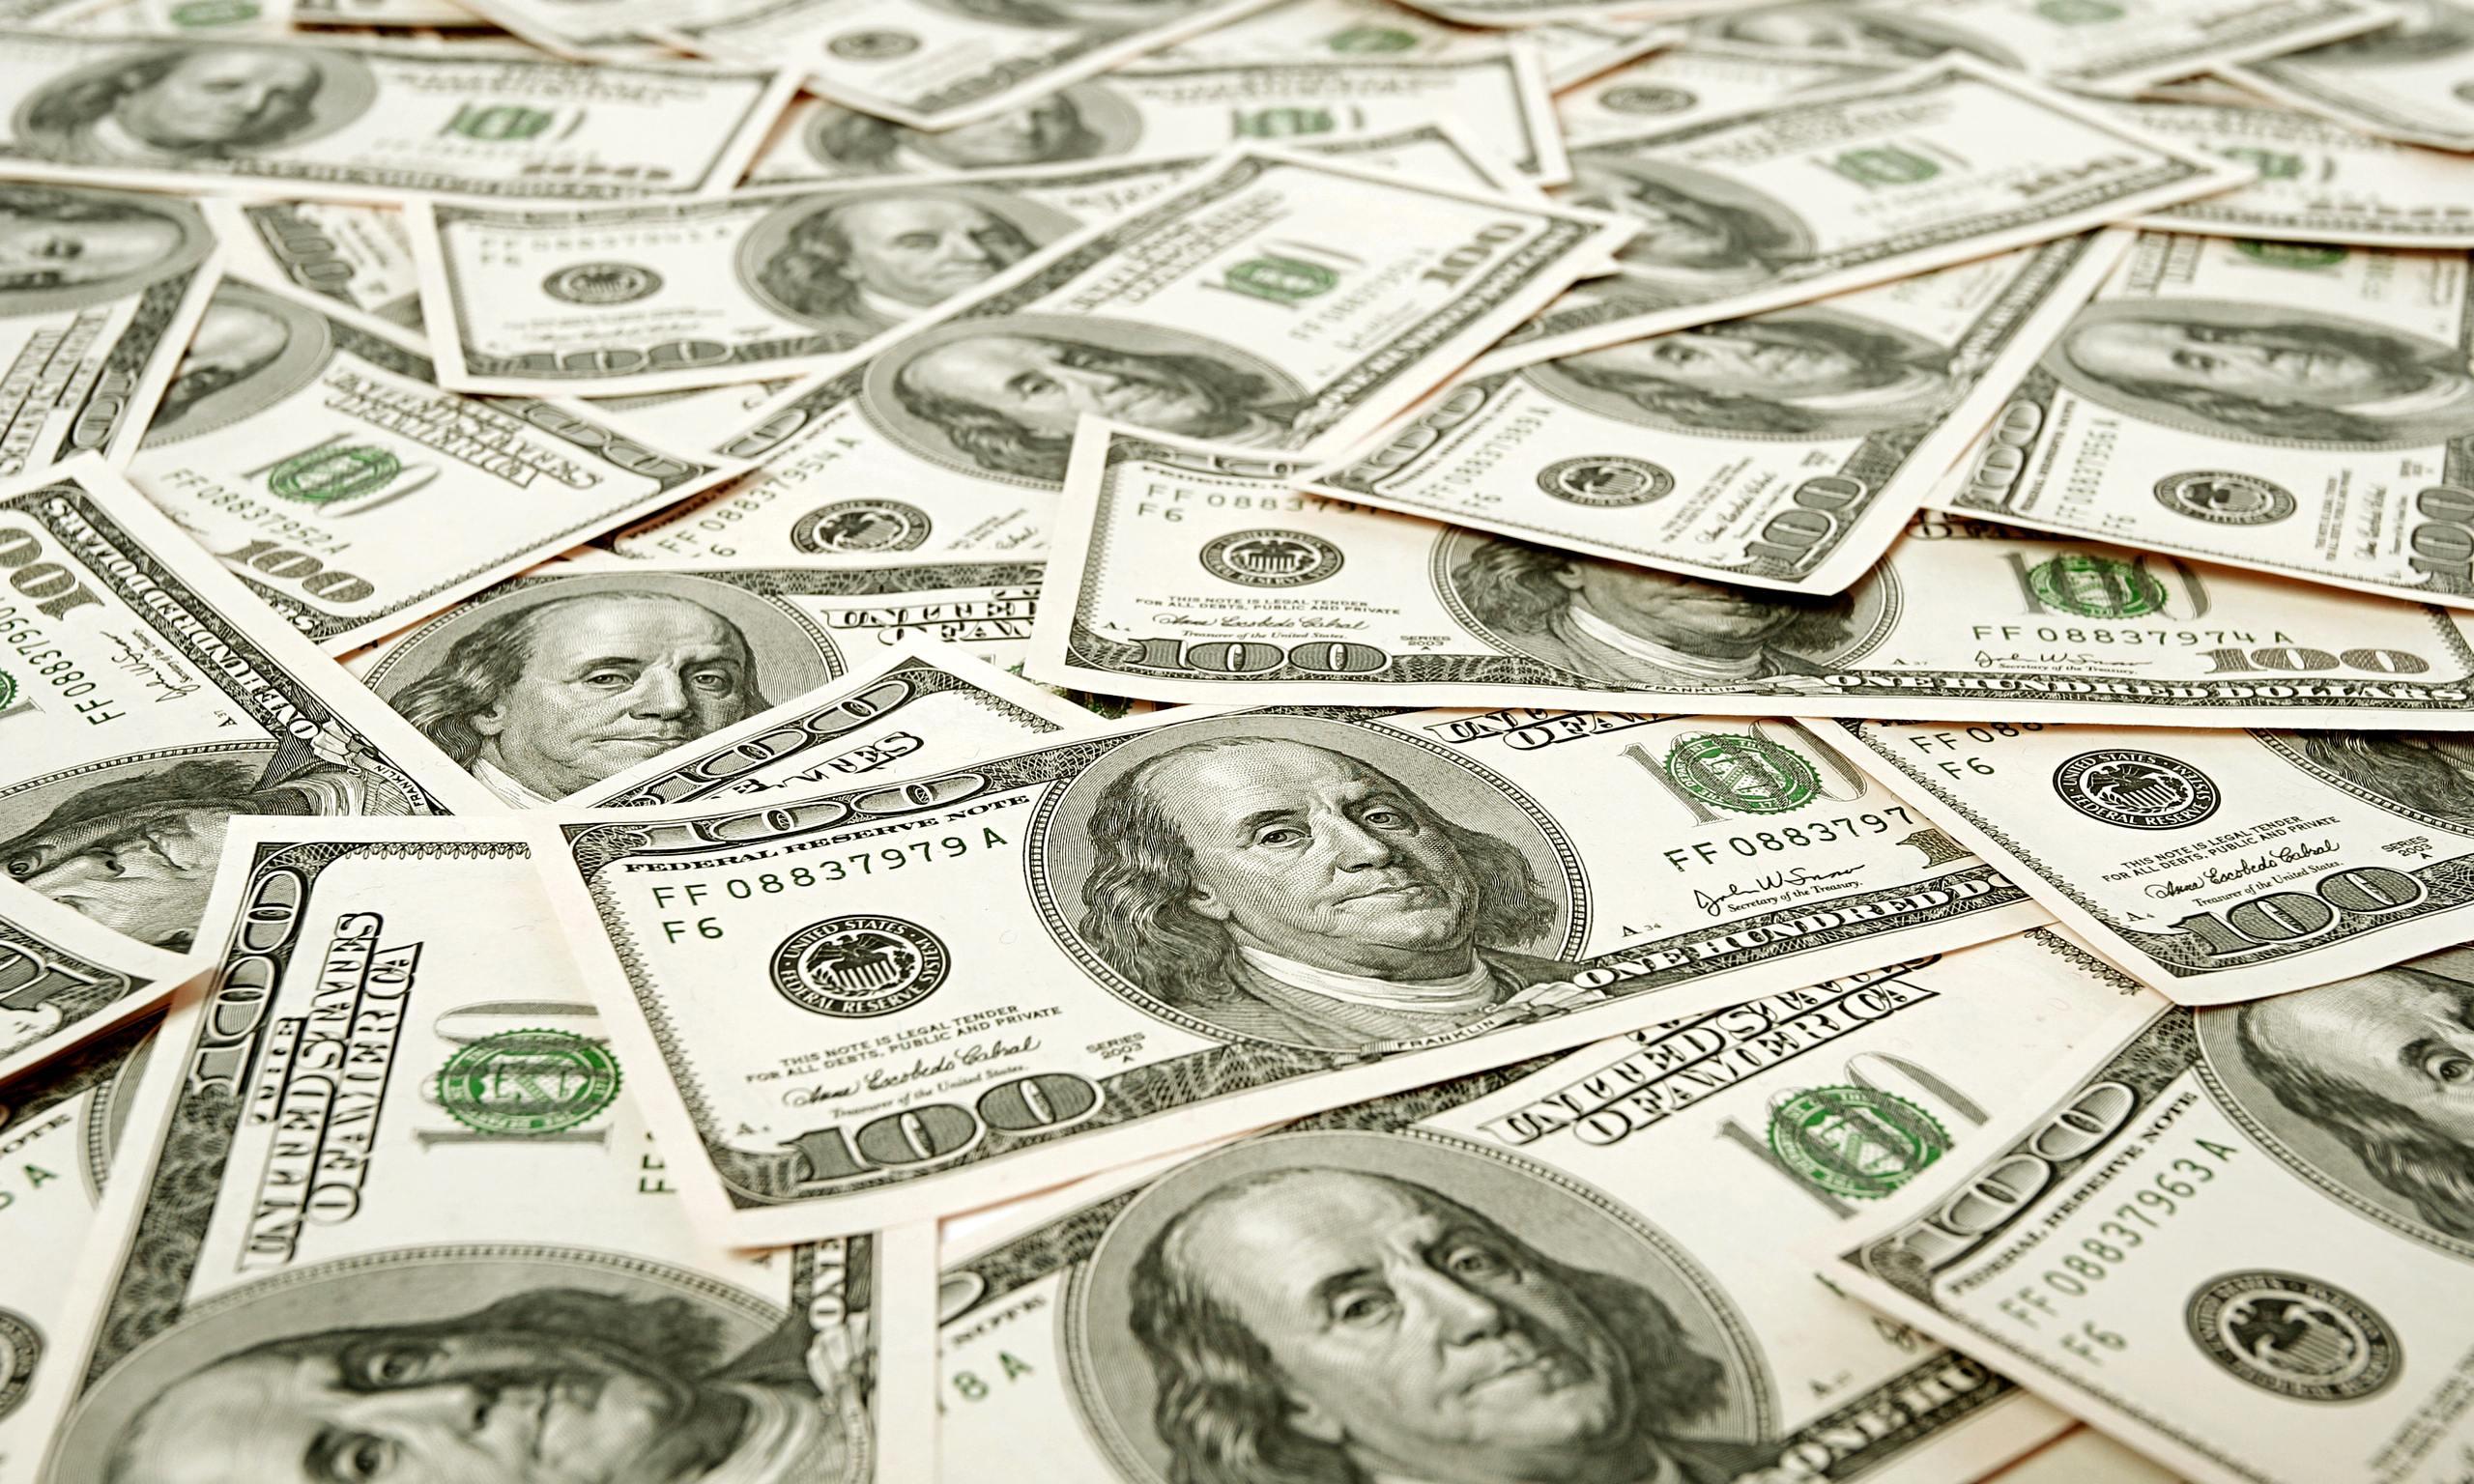 سعر الدولار اليوم في السوق السوداء وشركات الصرافة